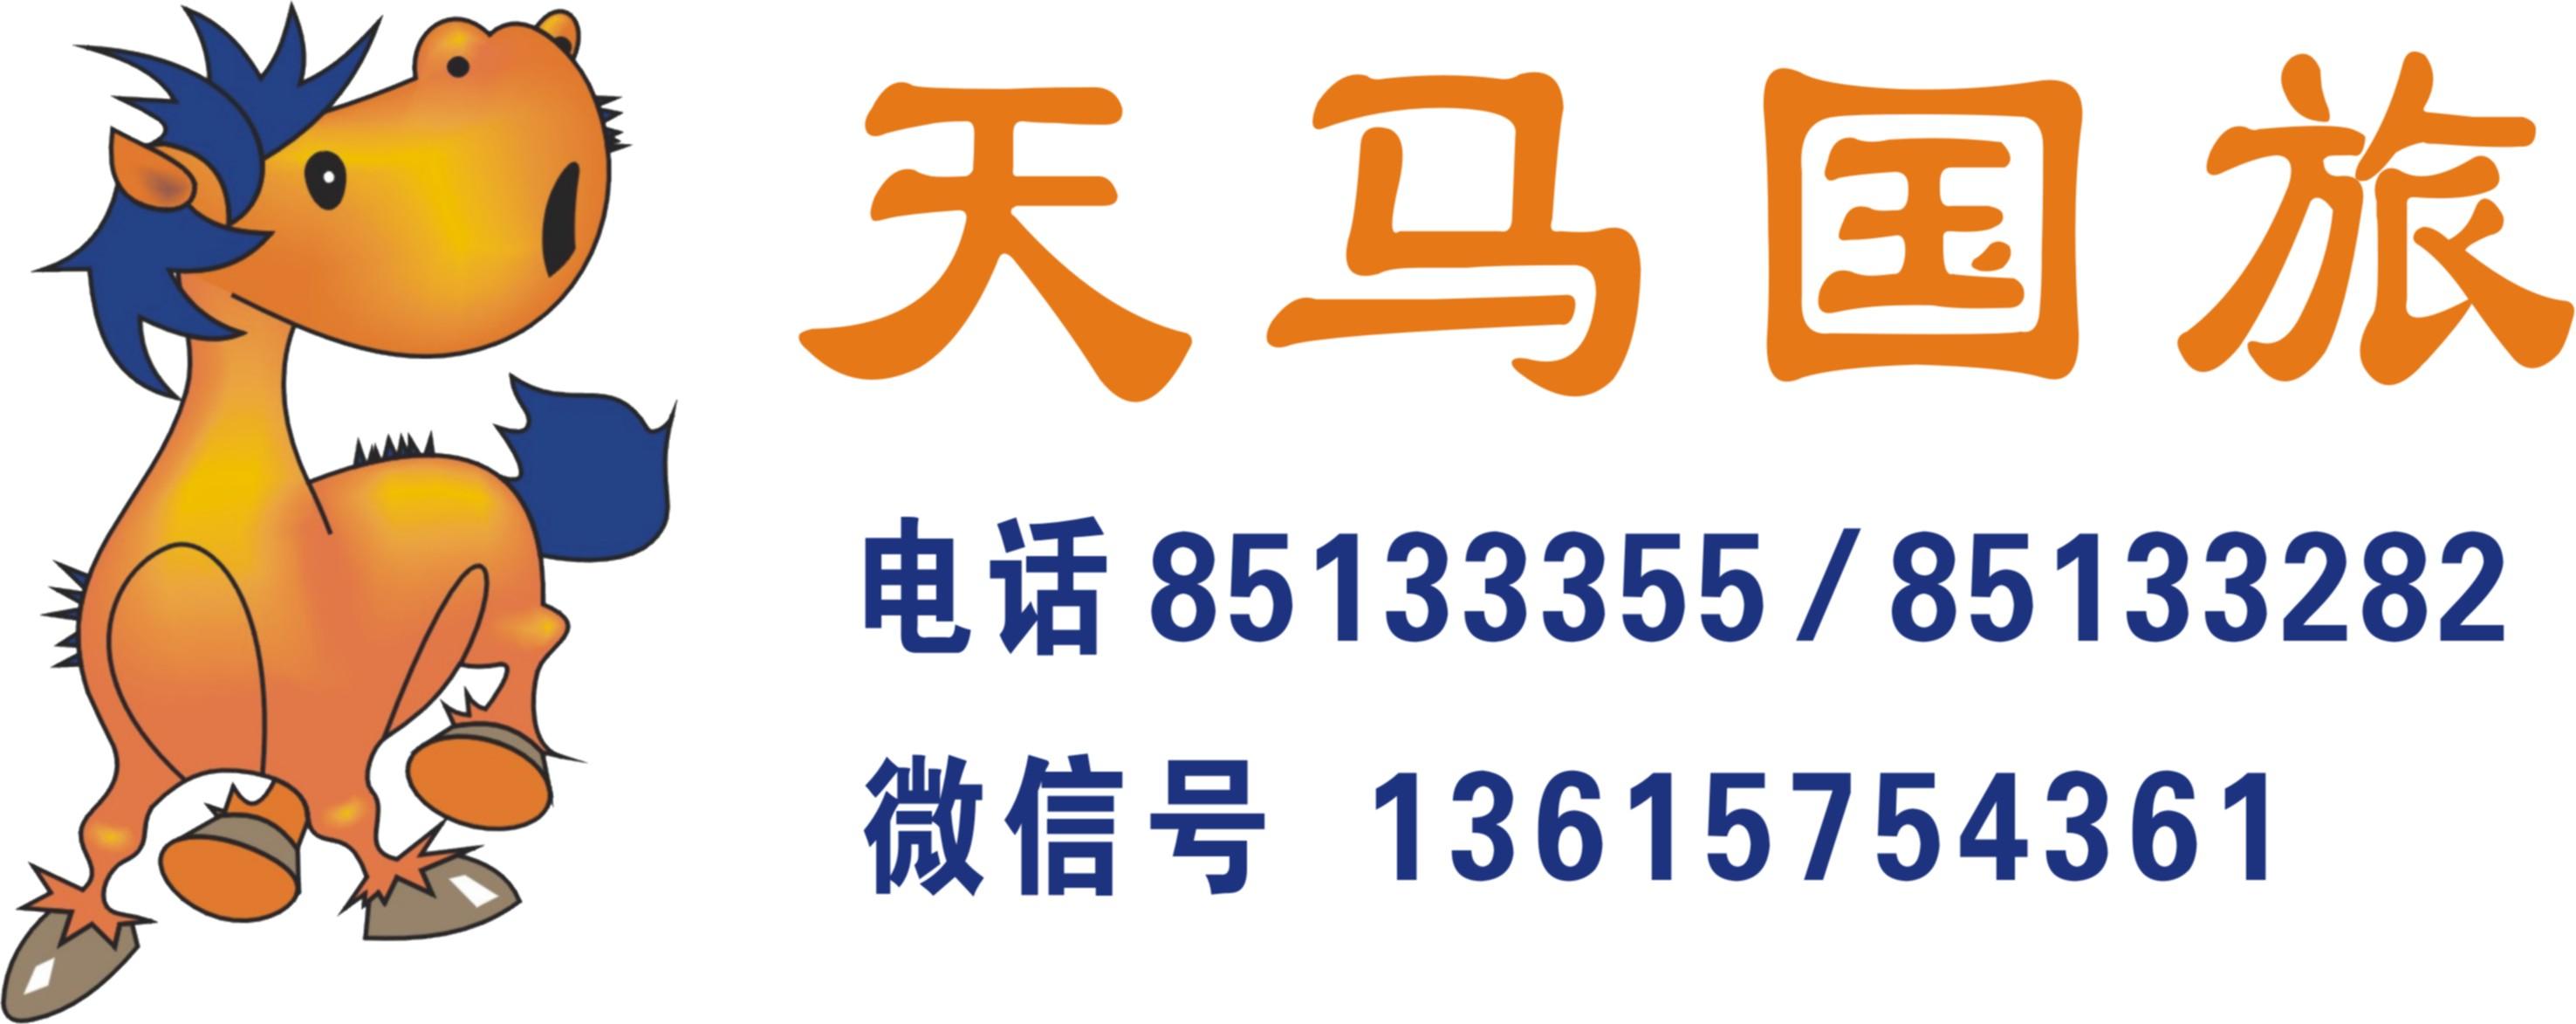 7-8月【动感张家界—森林公园、天门山、猛洞河、凤凰六日】